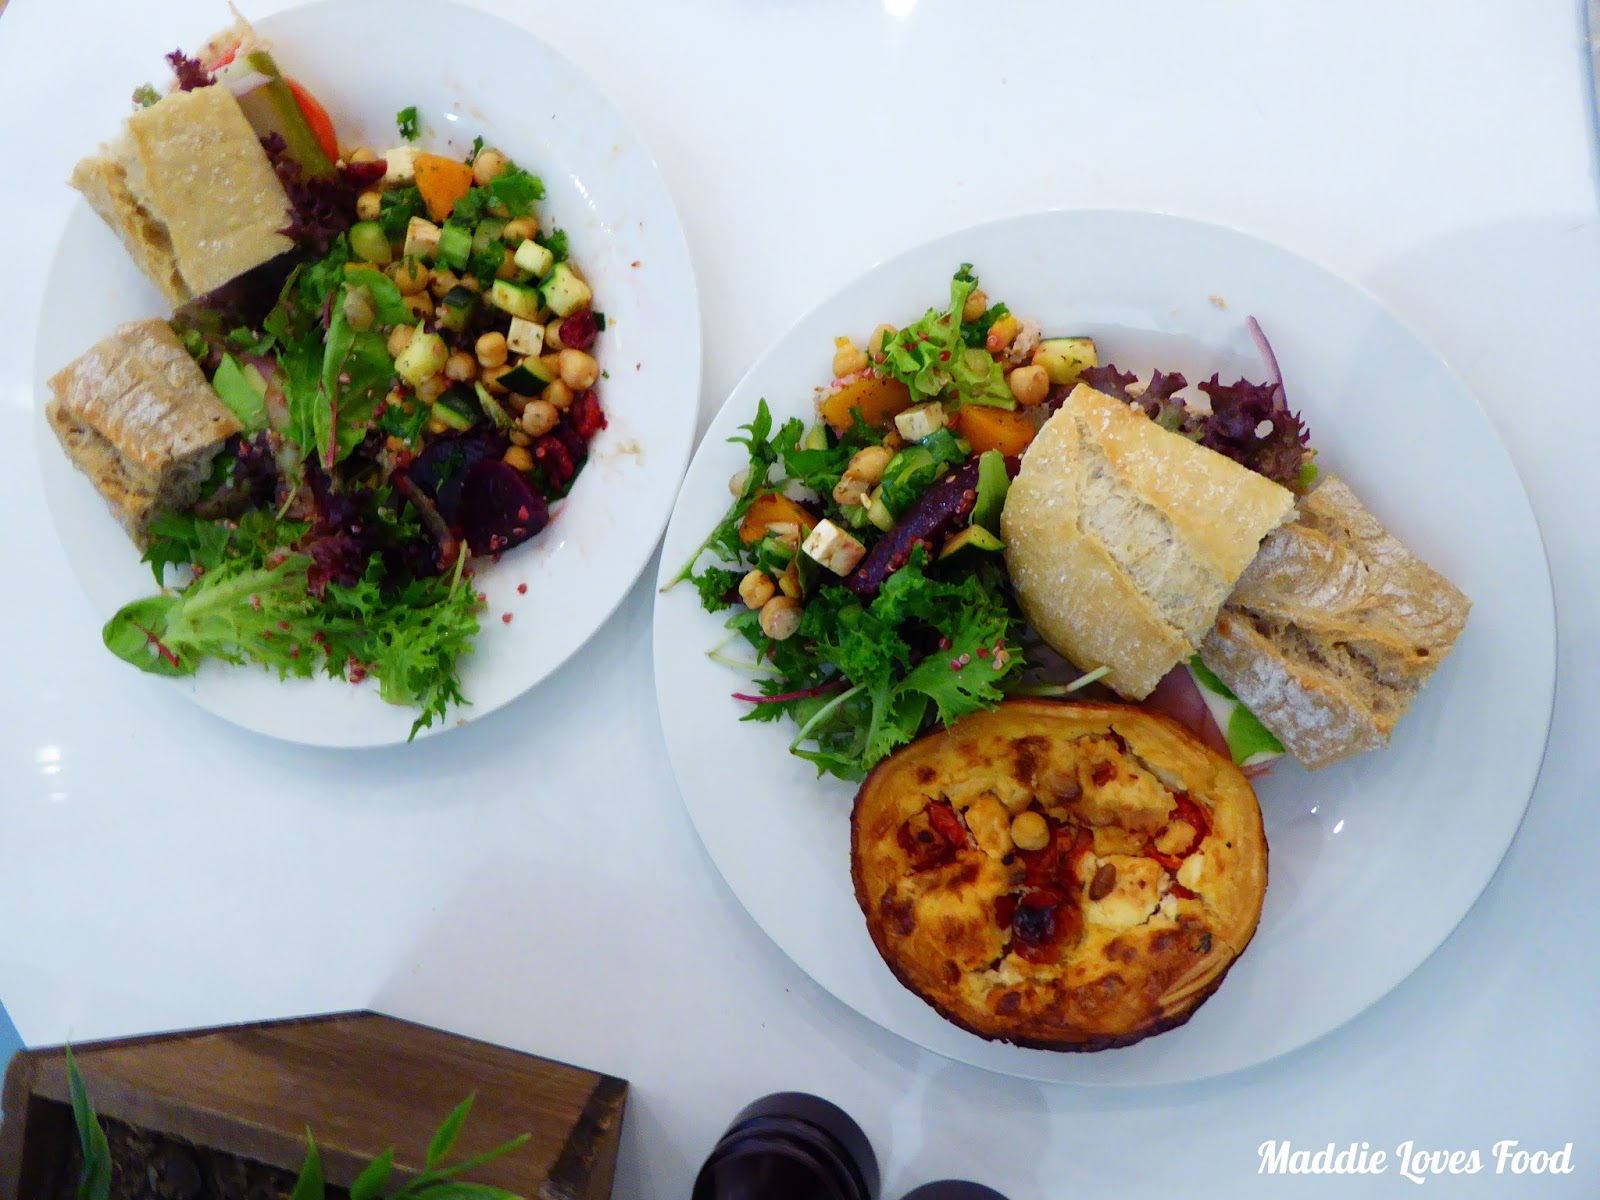 Paleo Food Service Sydney